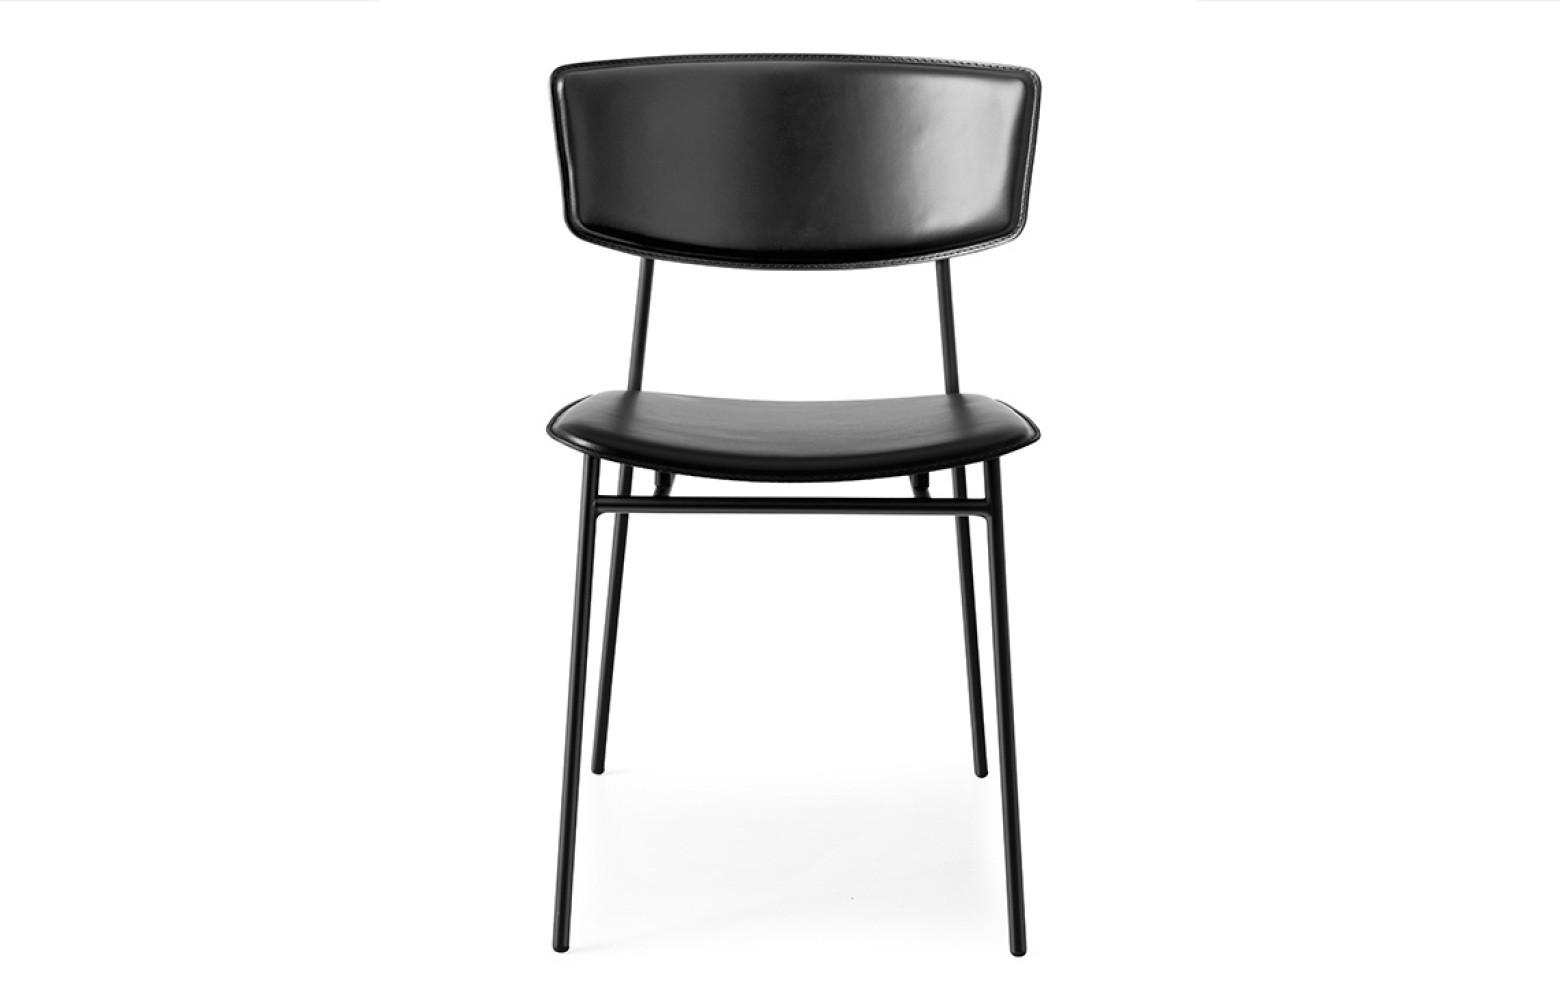 Schön 50 S Chrom Küchenstühle Fotos - Küchenschrank Ideen ...